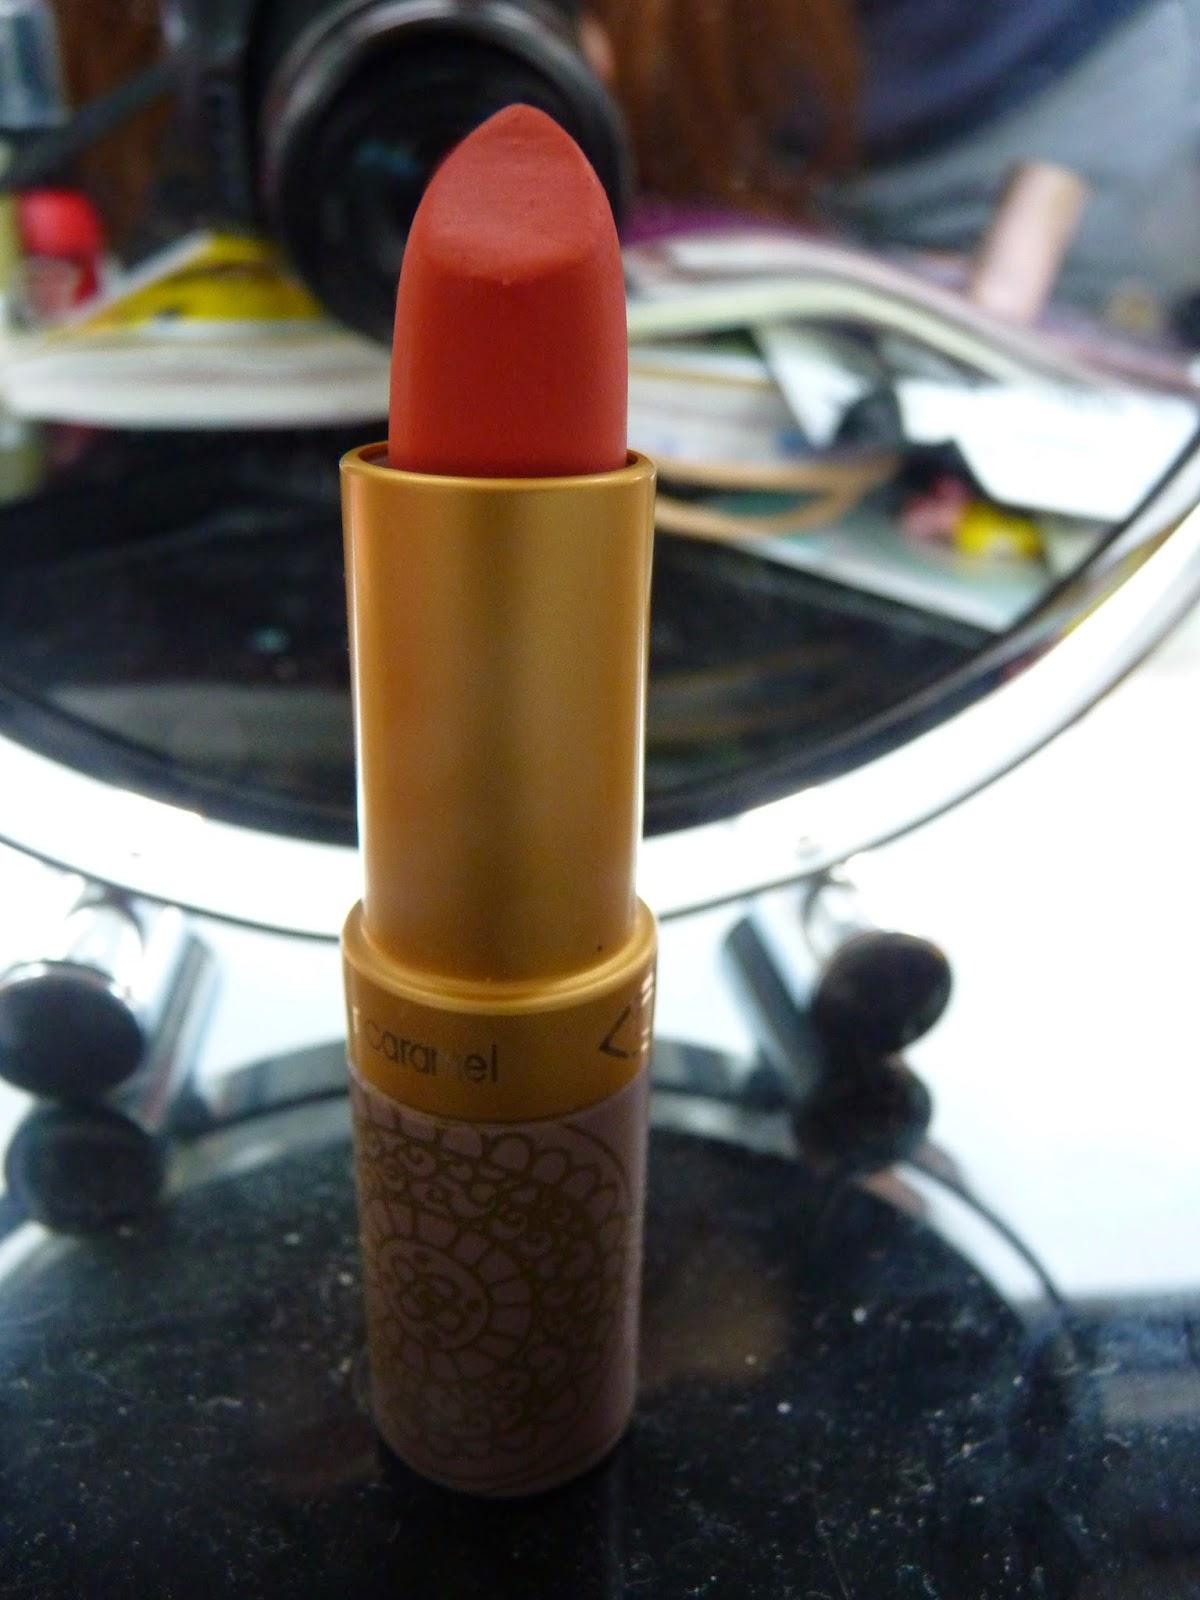 rouge à lèvres, couleur caramel, orange corail clair, n°116, 251